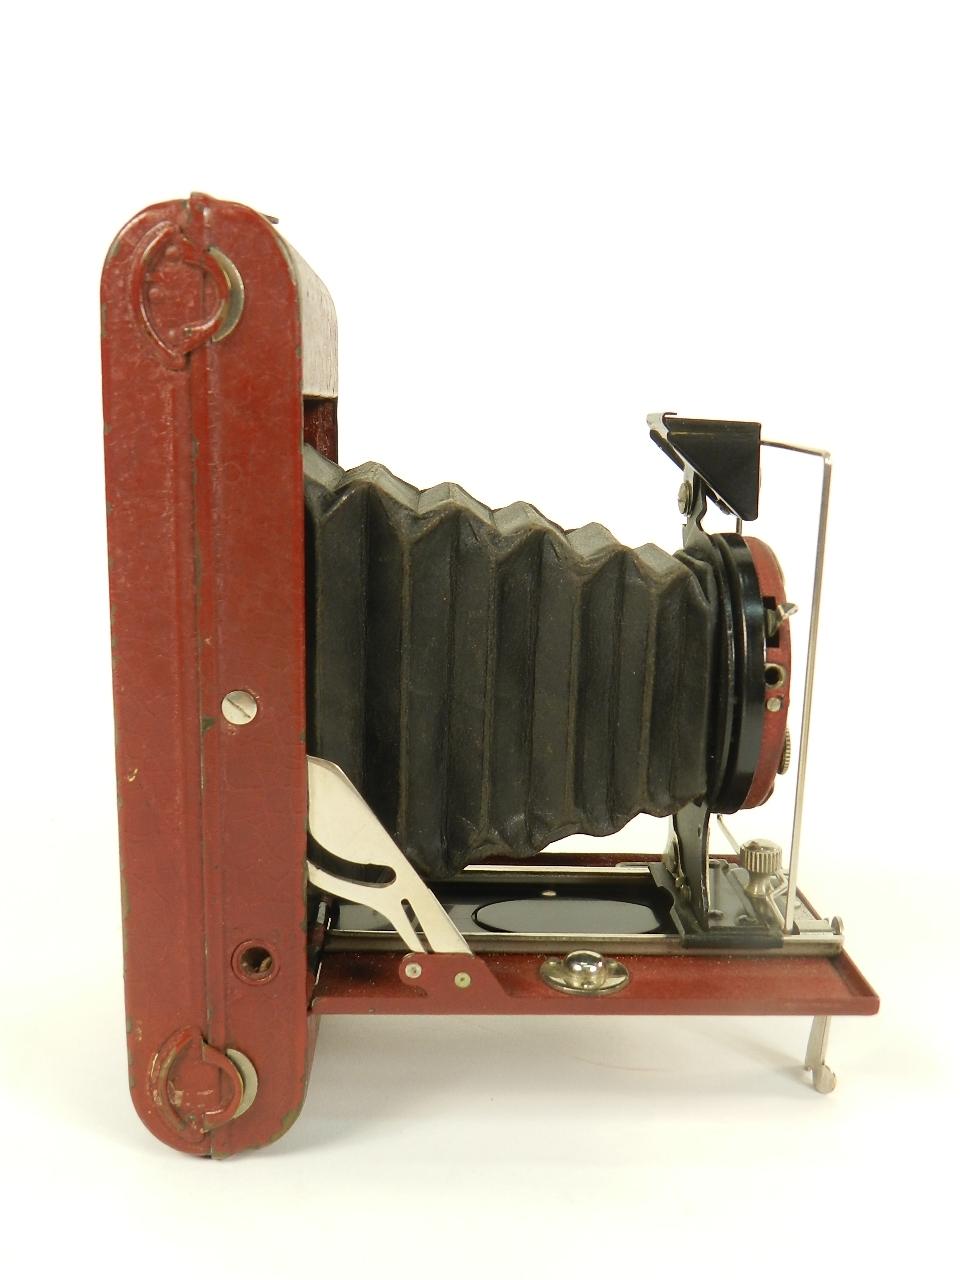 Imagen ALL DISTANCE POCKET ENSIGN AÑO 1928 30273